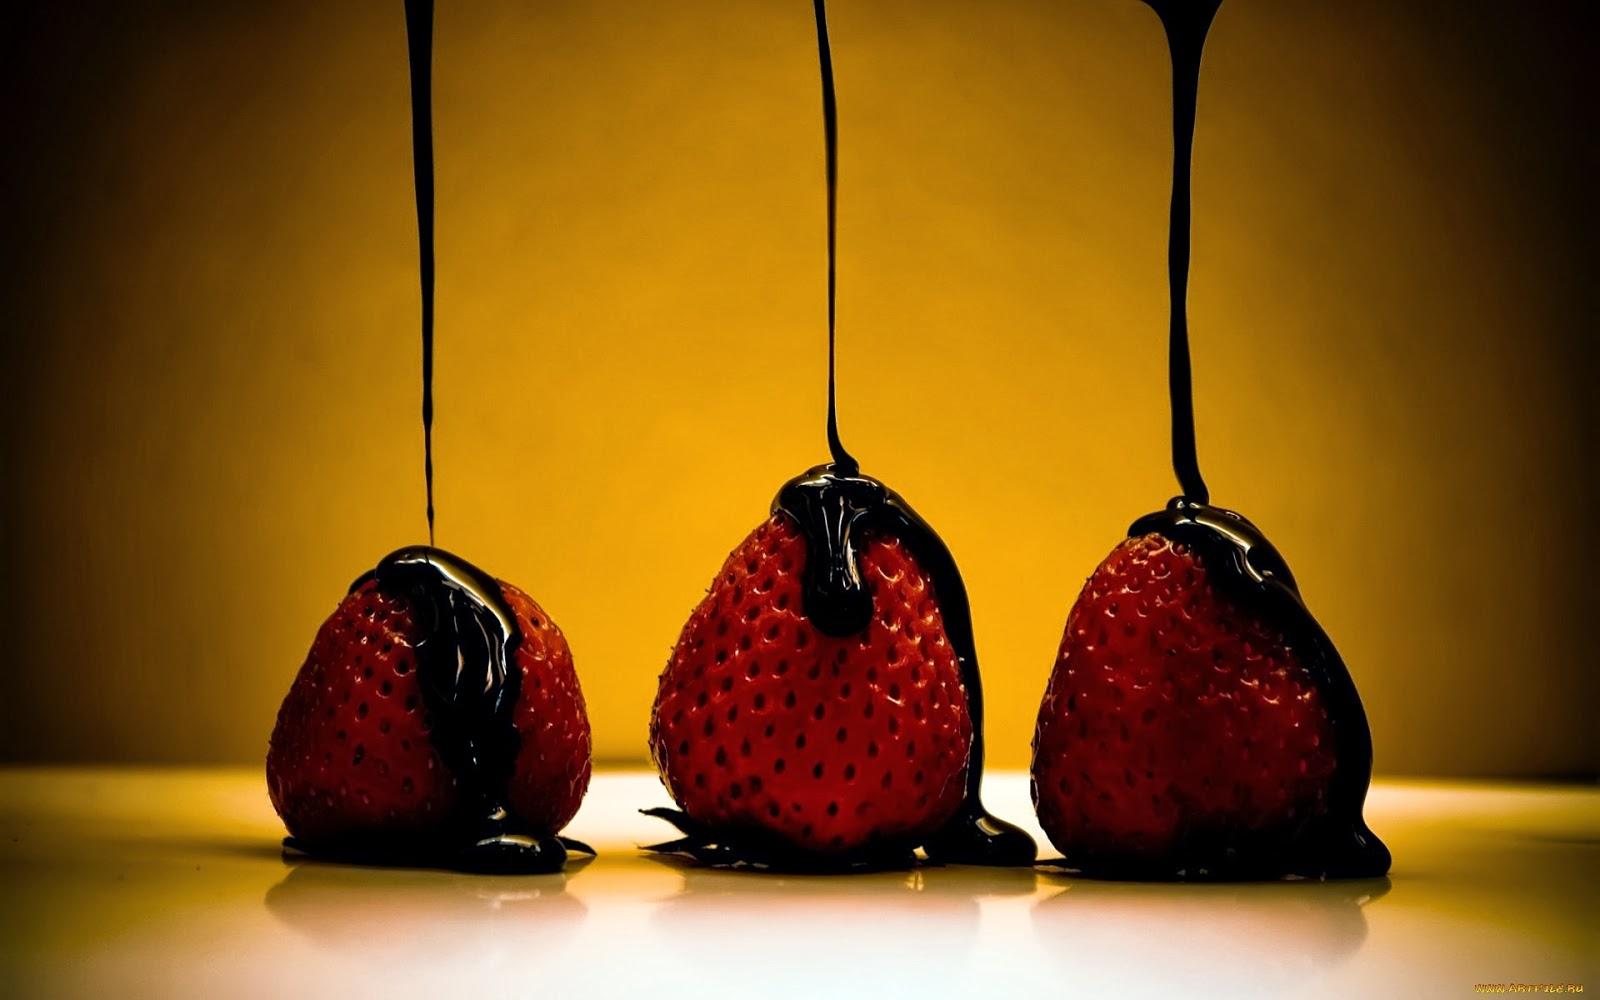 Fondos De Pantalla De Chocolates: Imagenes Hilandy: Fondo De Pantalla Fresas Con Chocolate